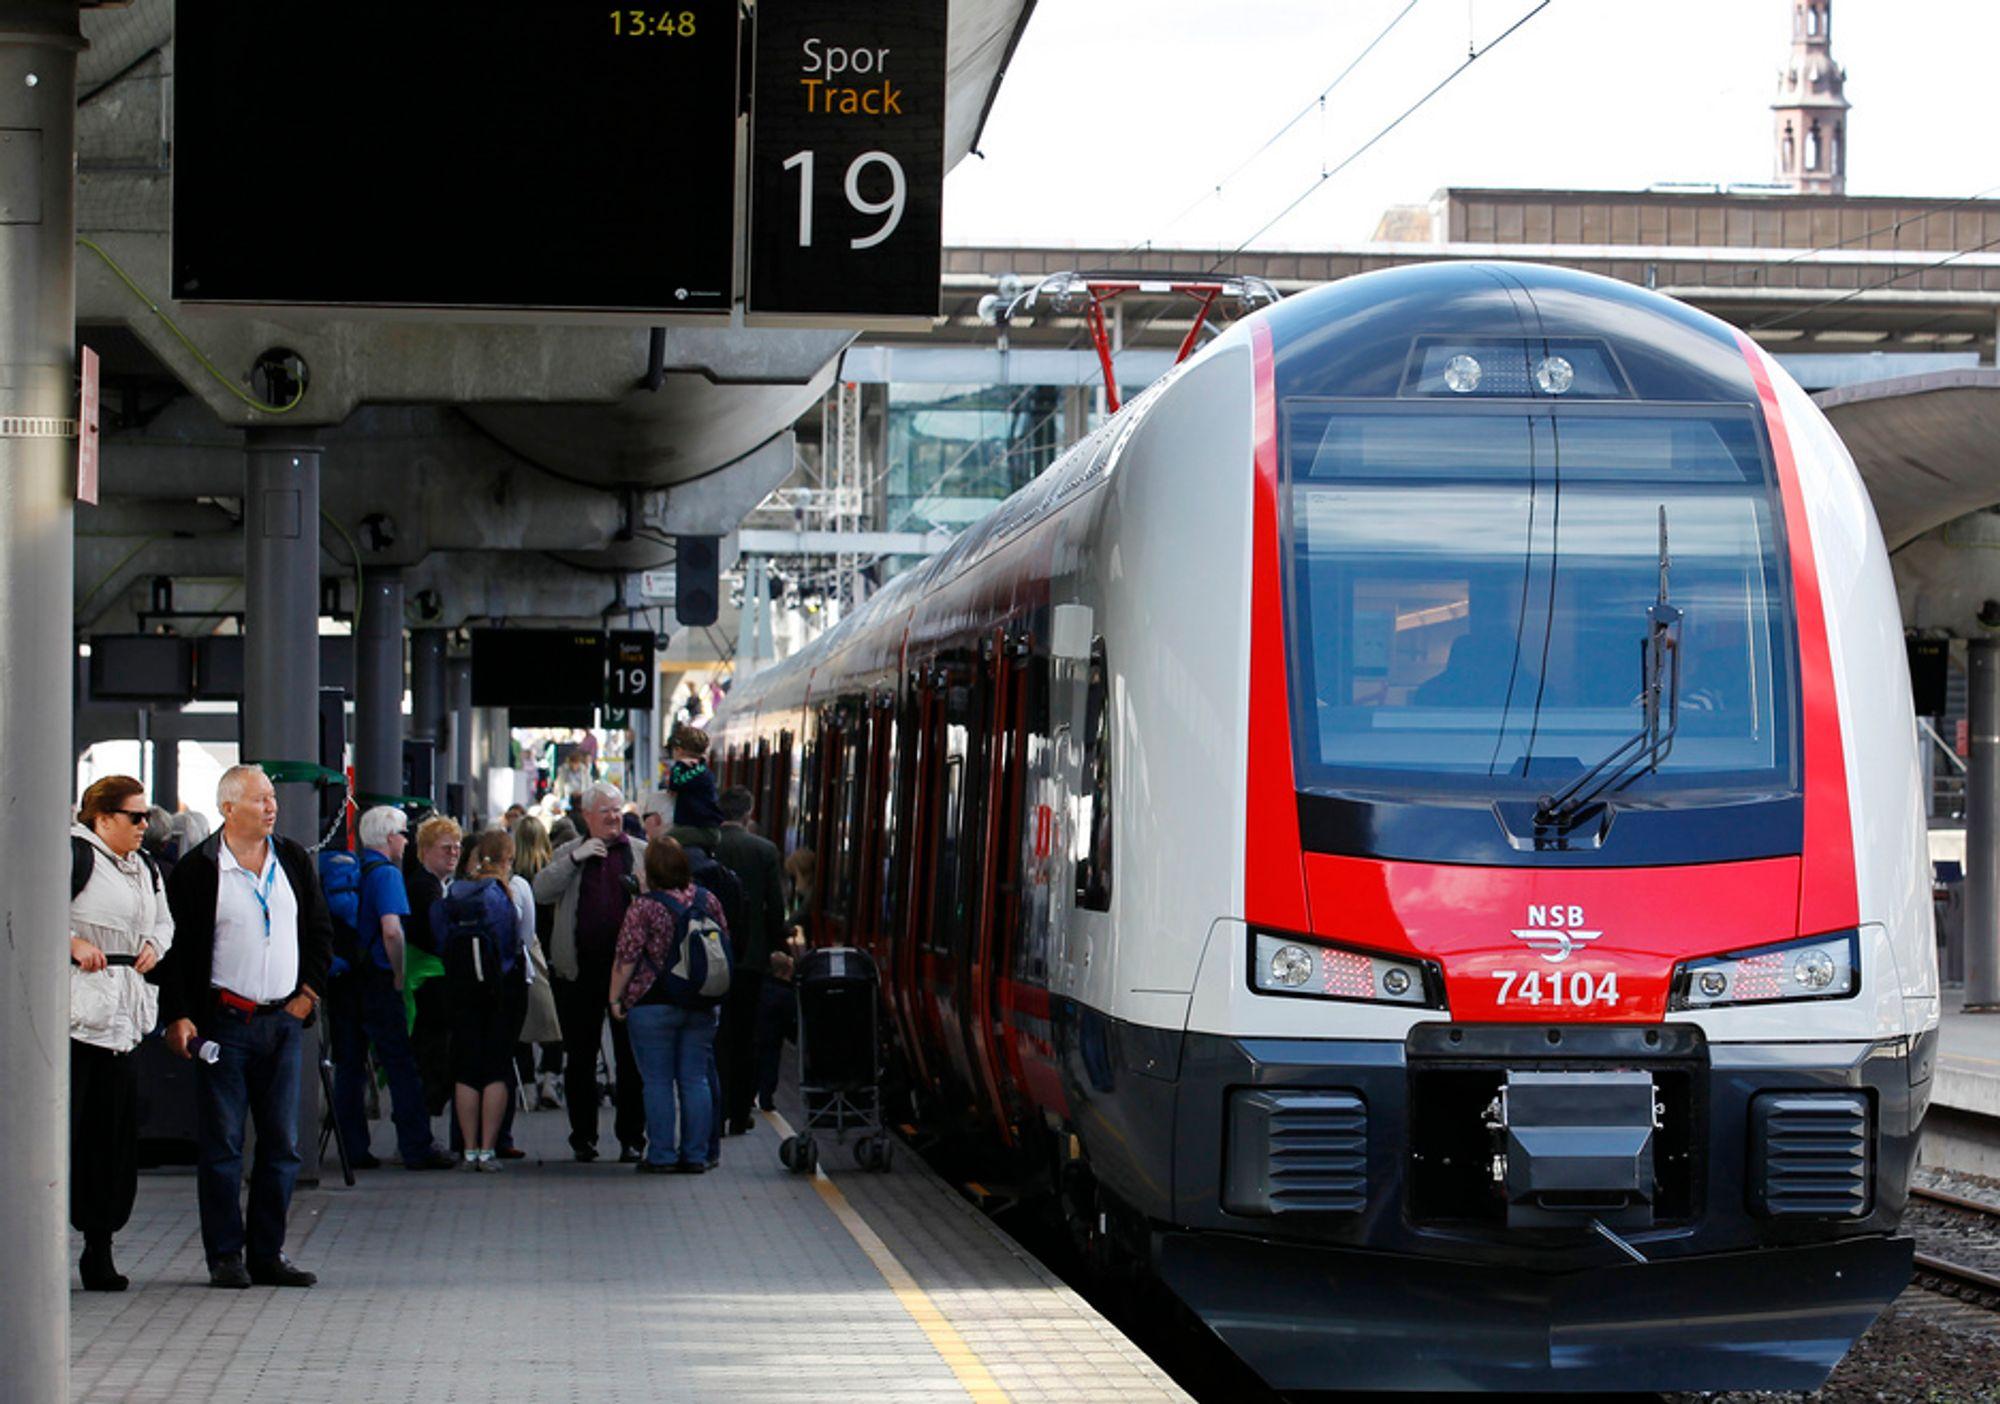 Mange skuelystne tok turen til Oslo S søndag for å se på NSBs nye tog.